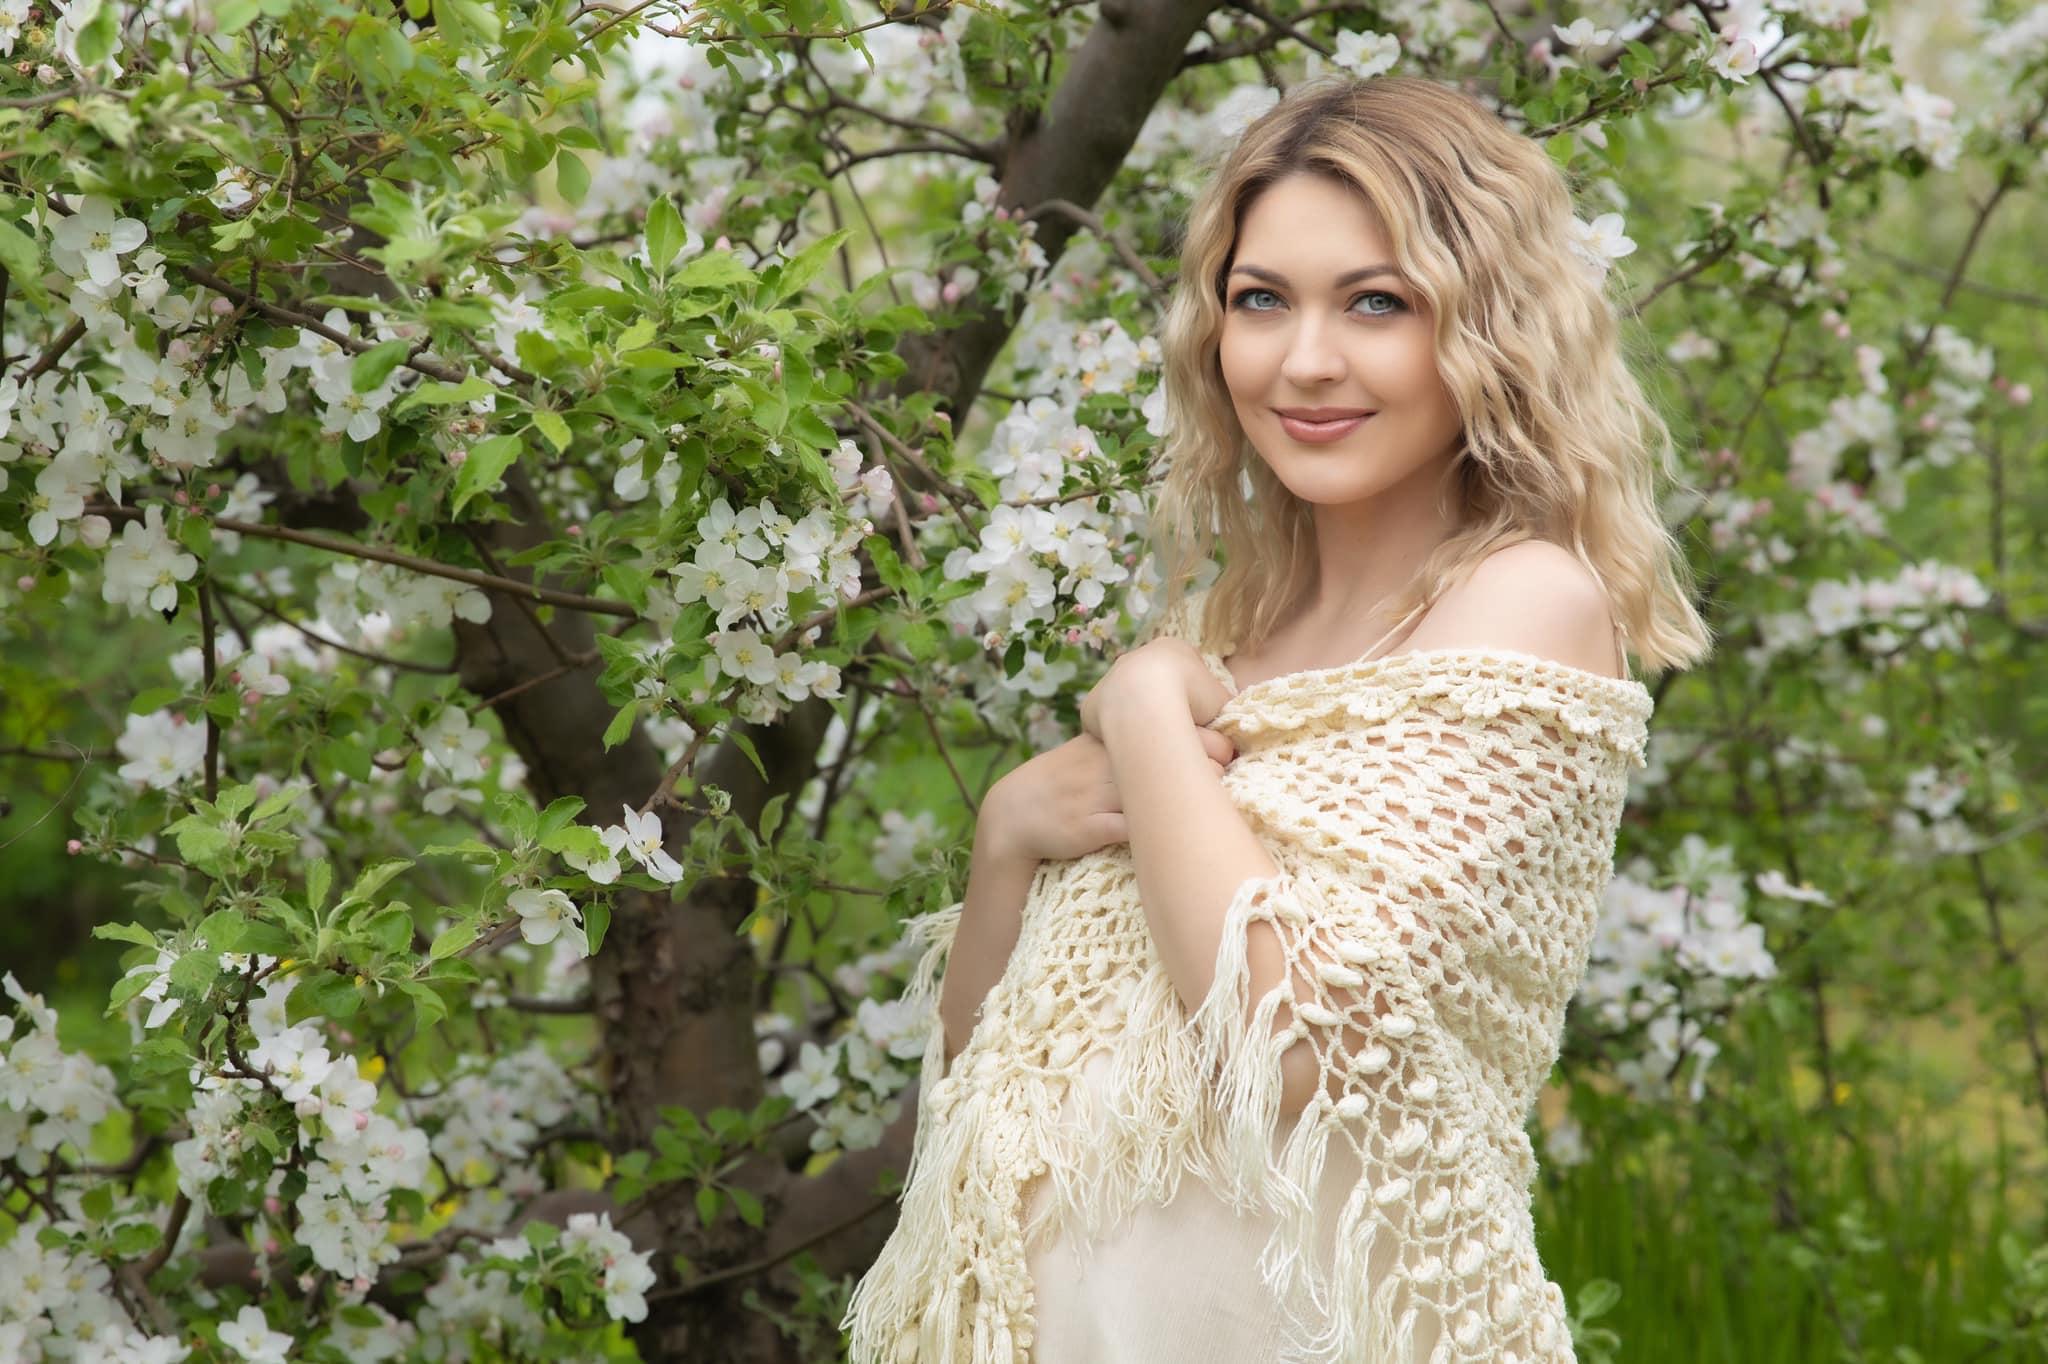 Graviduța Gloria Gorceag a pozat într-o superbă livadă  cu pomi înfloriți